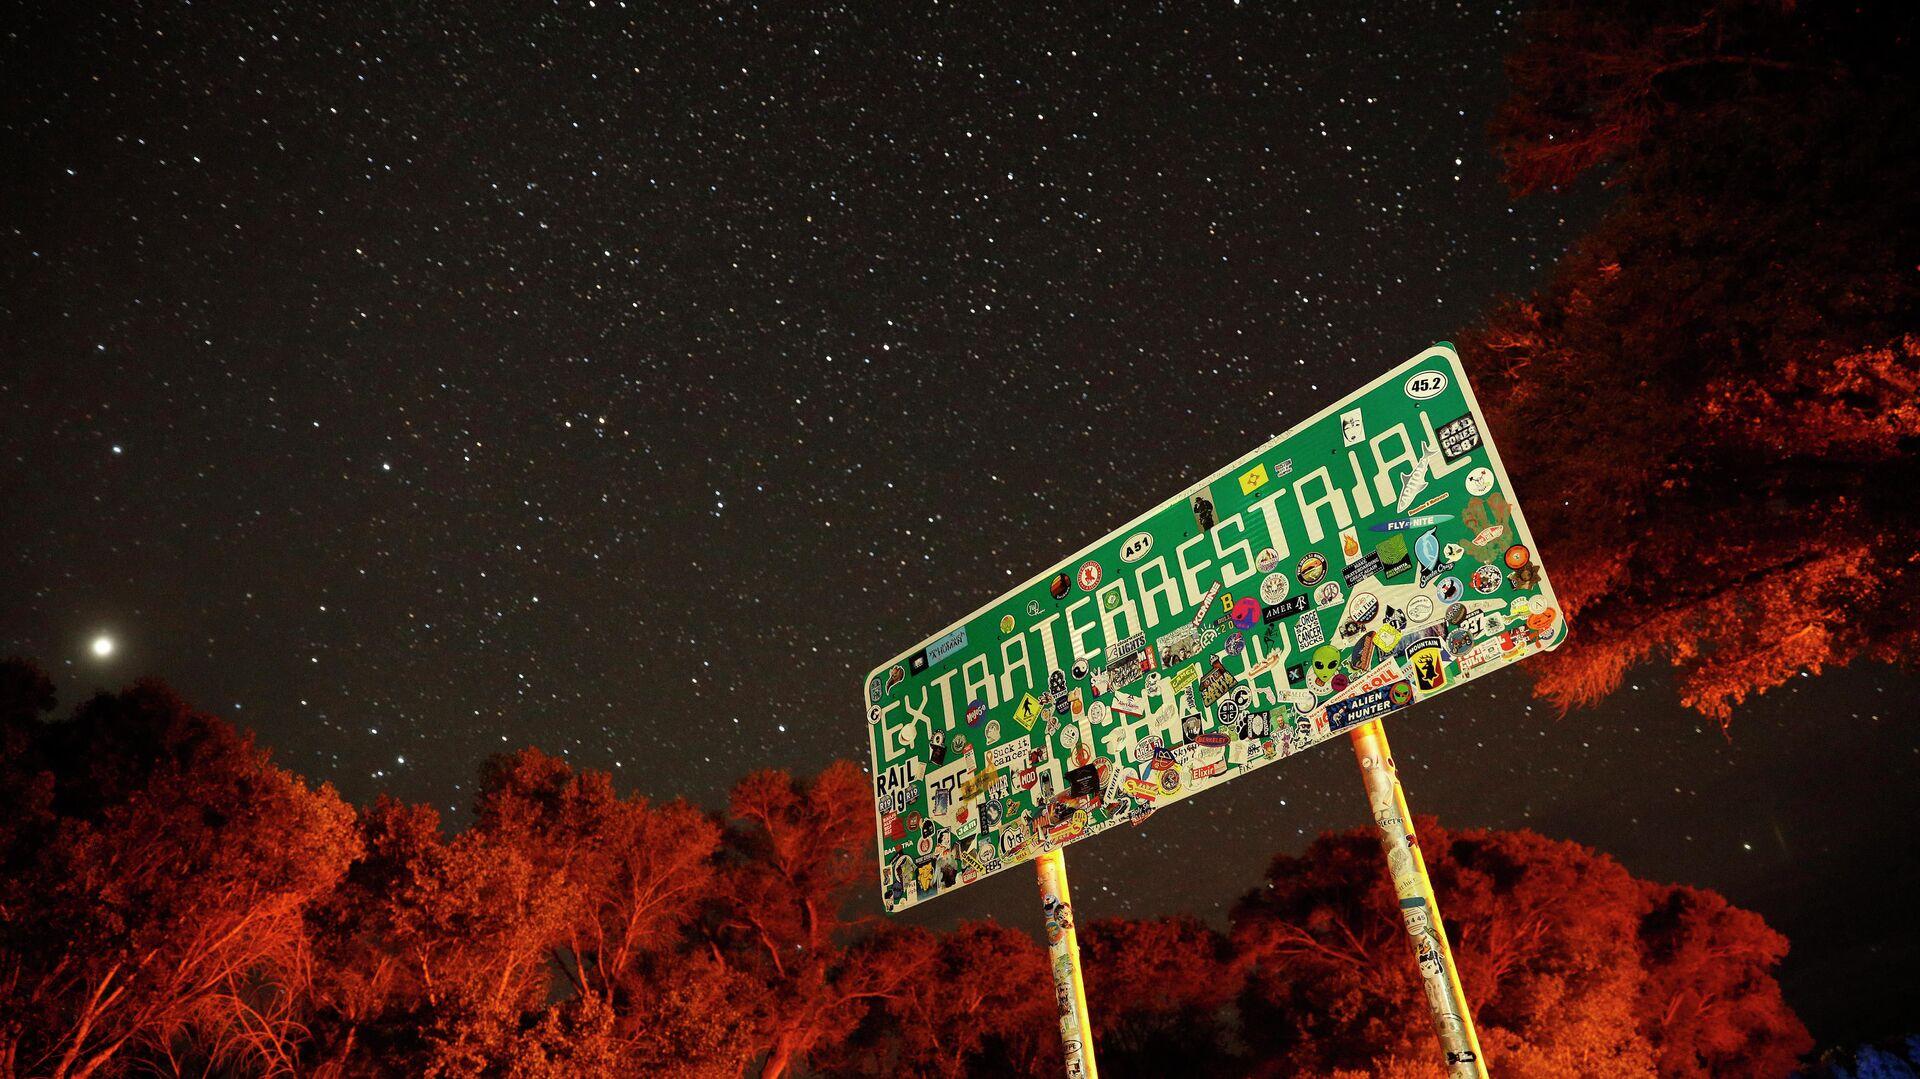 Dálniční ukazatel na trase 375 (dálnice UFO), která vede do Oblasti 51 v USA - Sputnik Česká republika, 1920, 27.07.2021